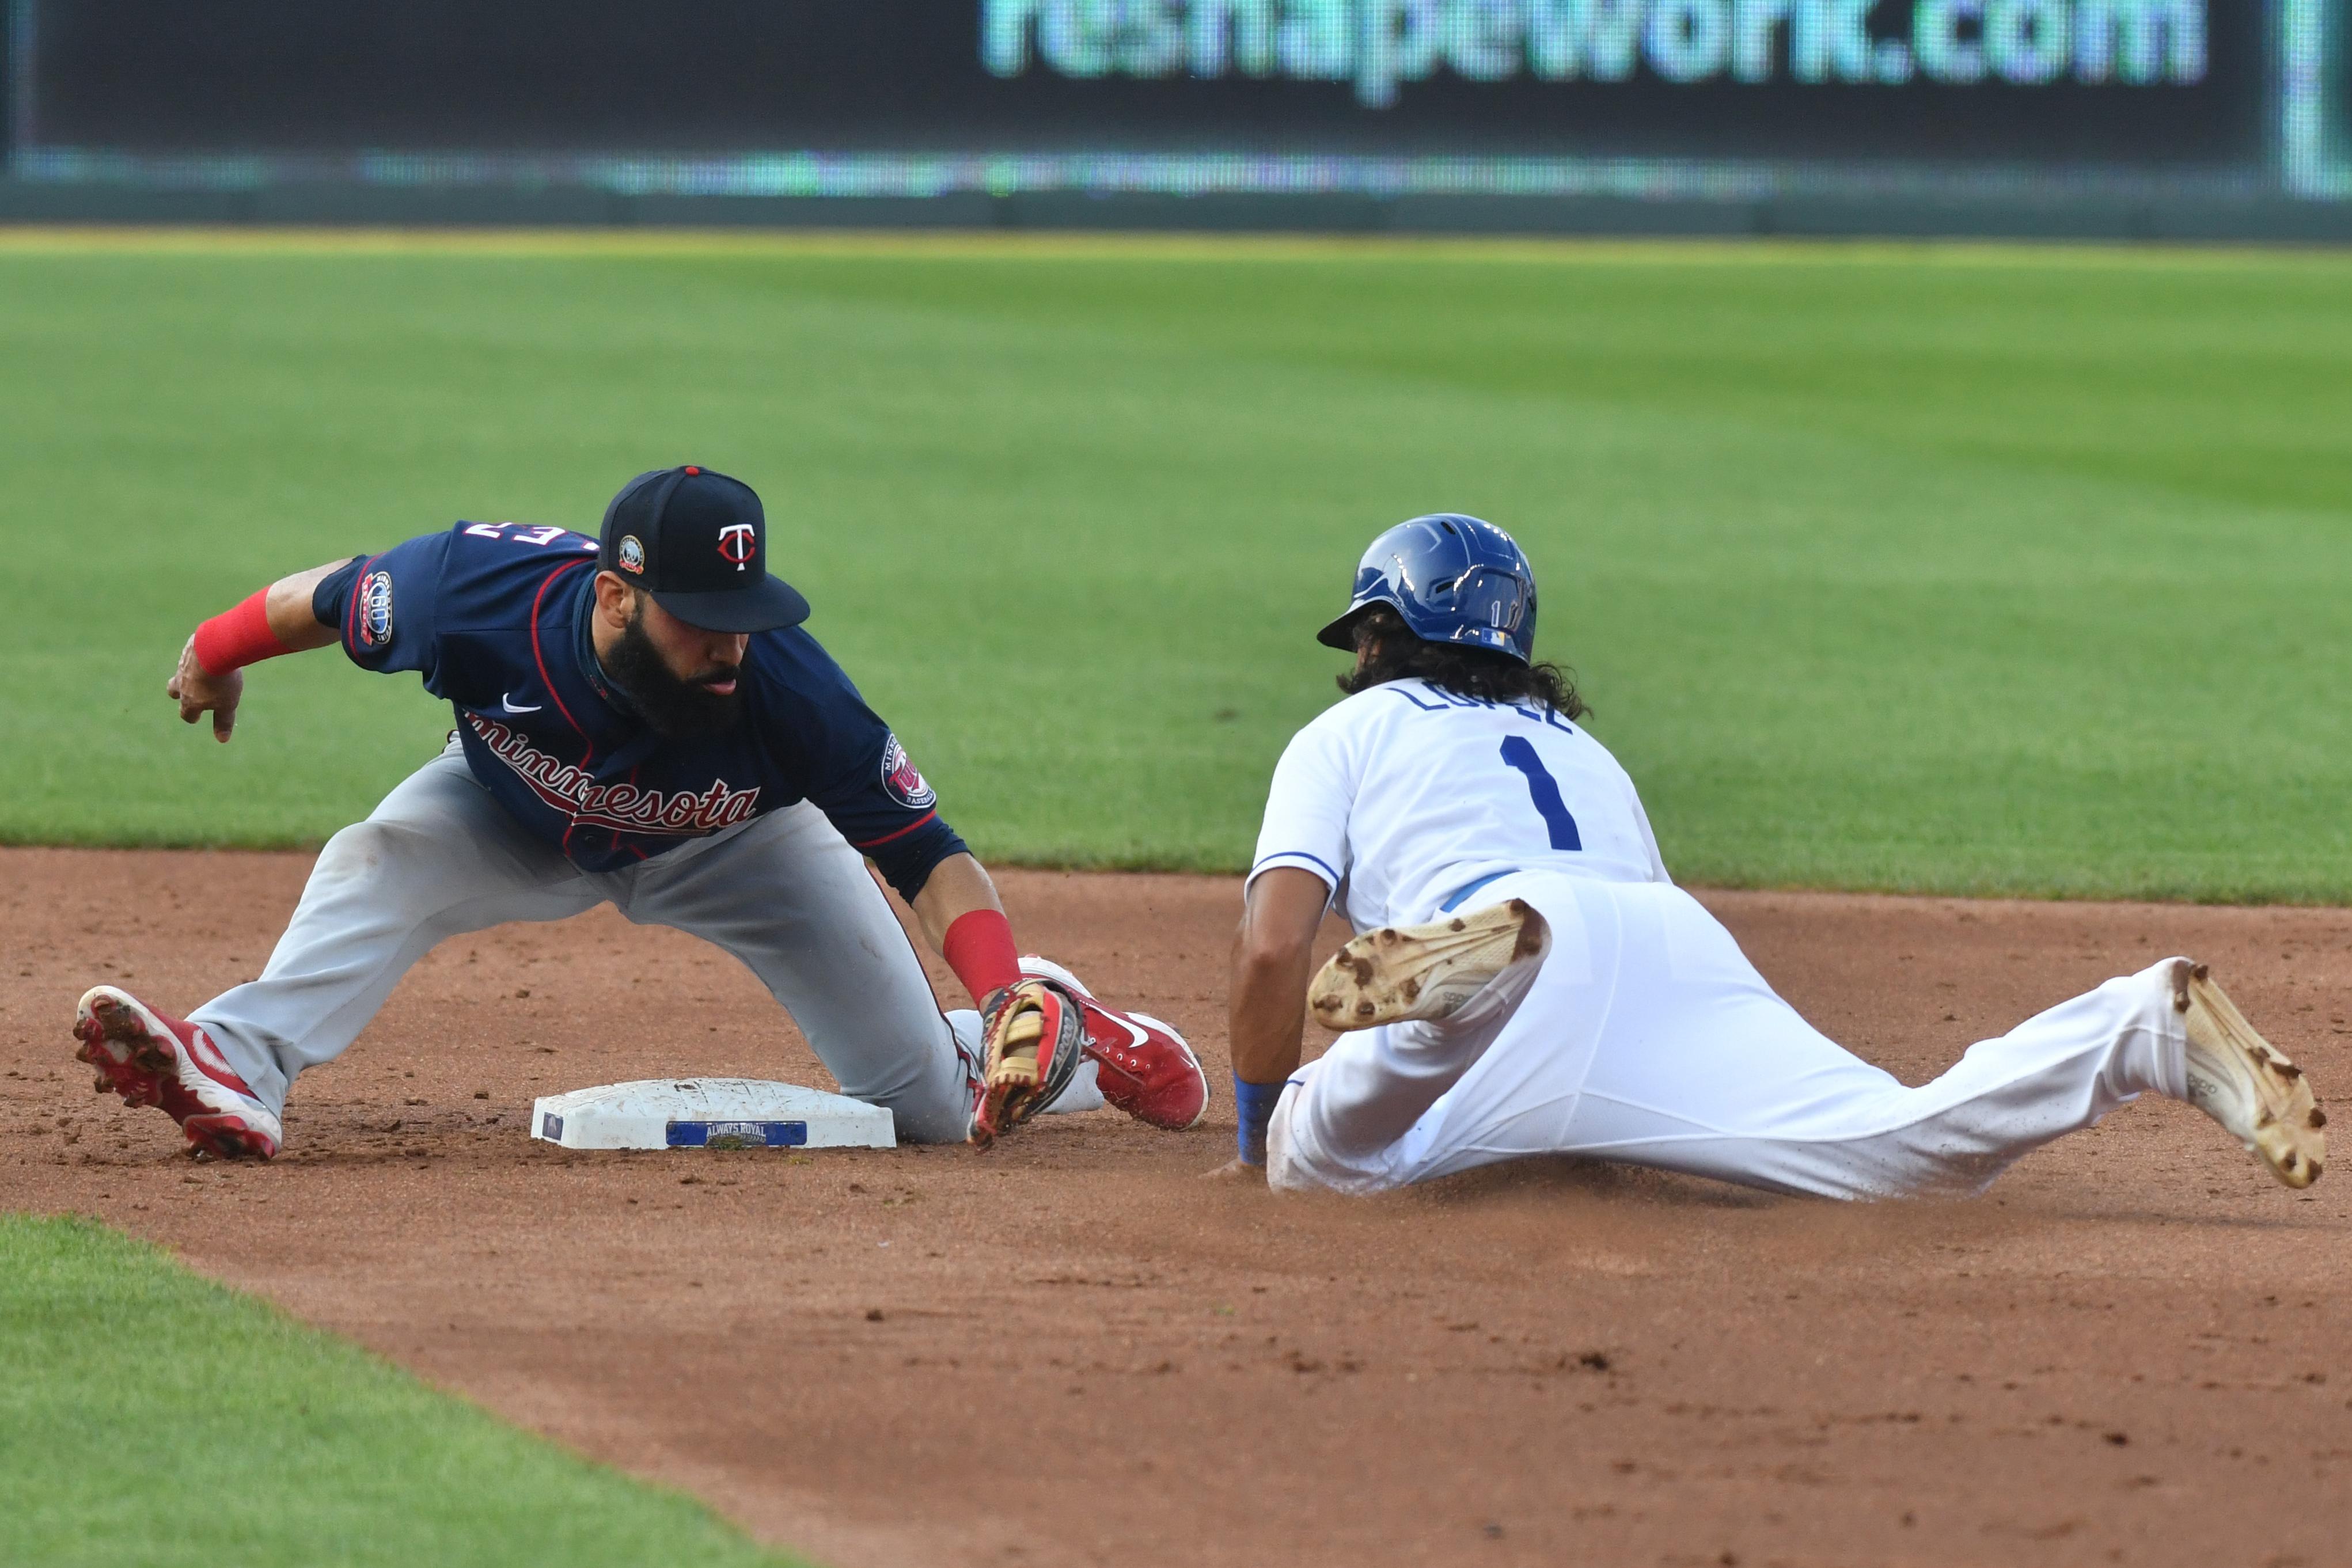 MLB: AUG 08 Twins at Royals